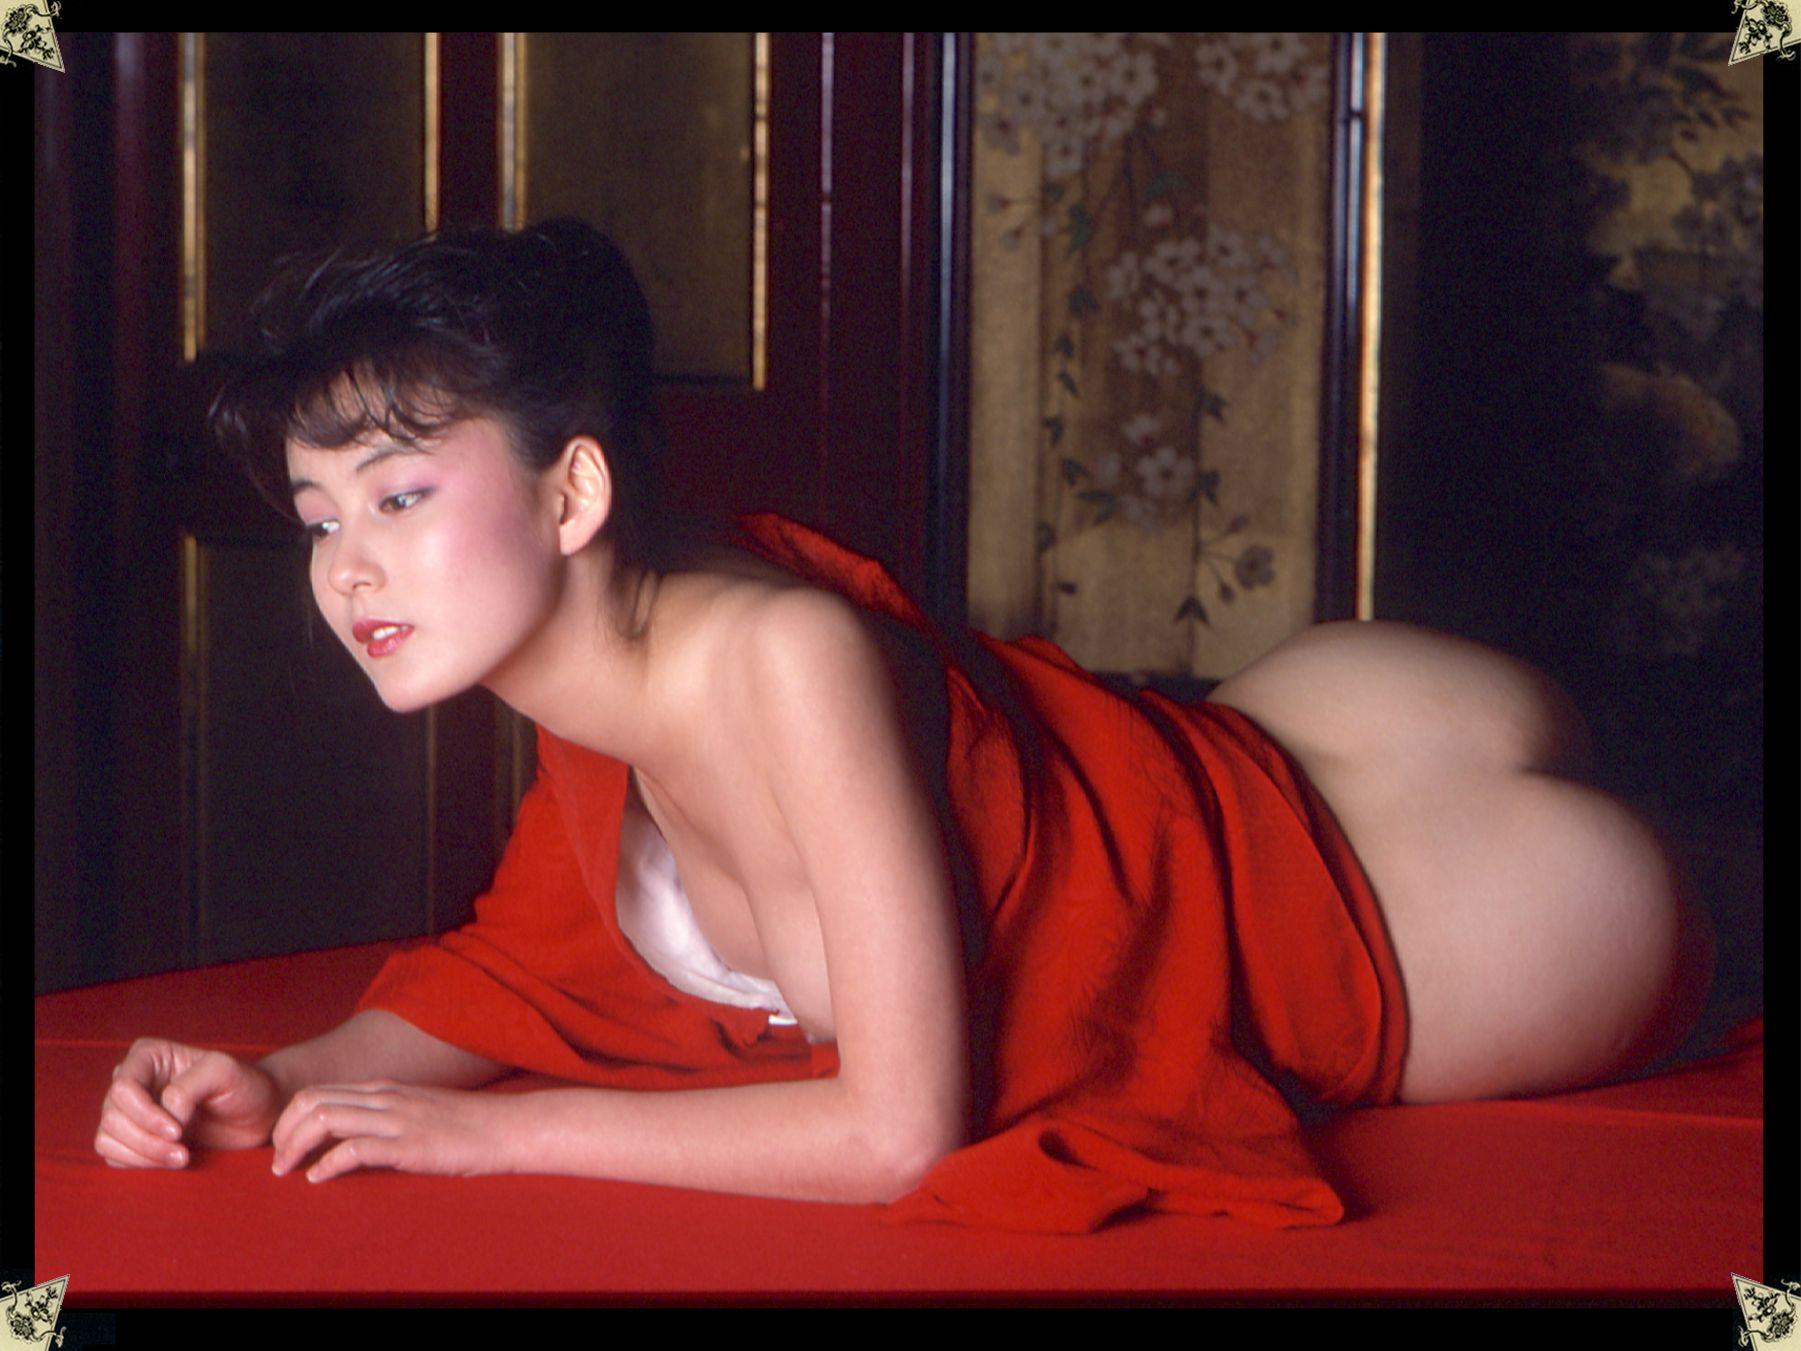 裸の美少女 葉山レイコ写真集vol.002 日本旅館で癒されて! 79photos